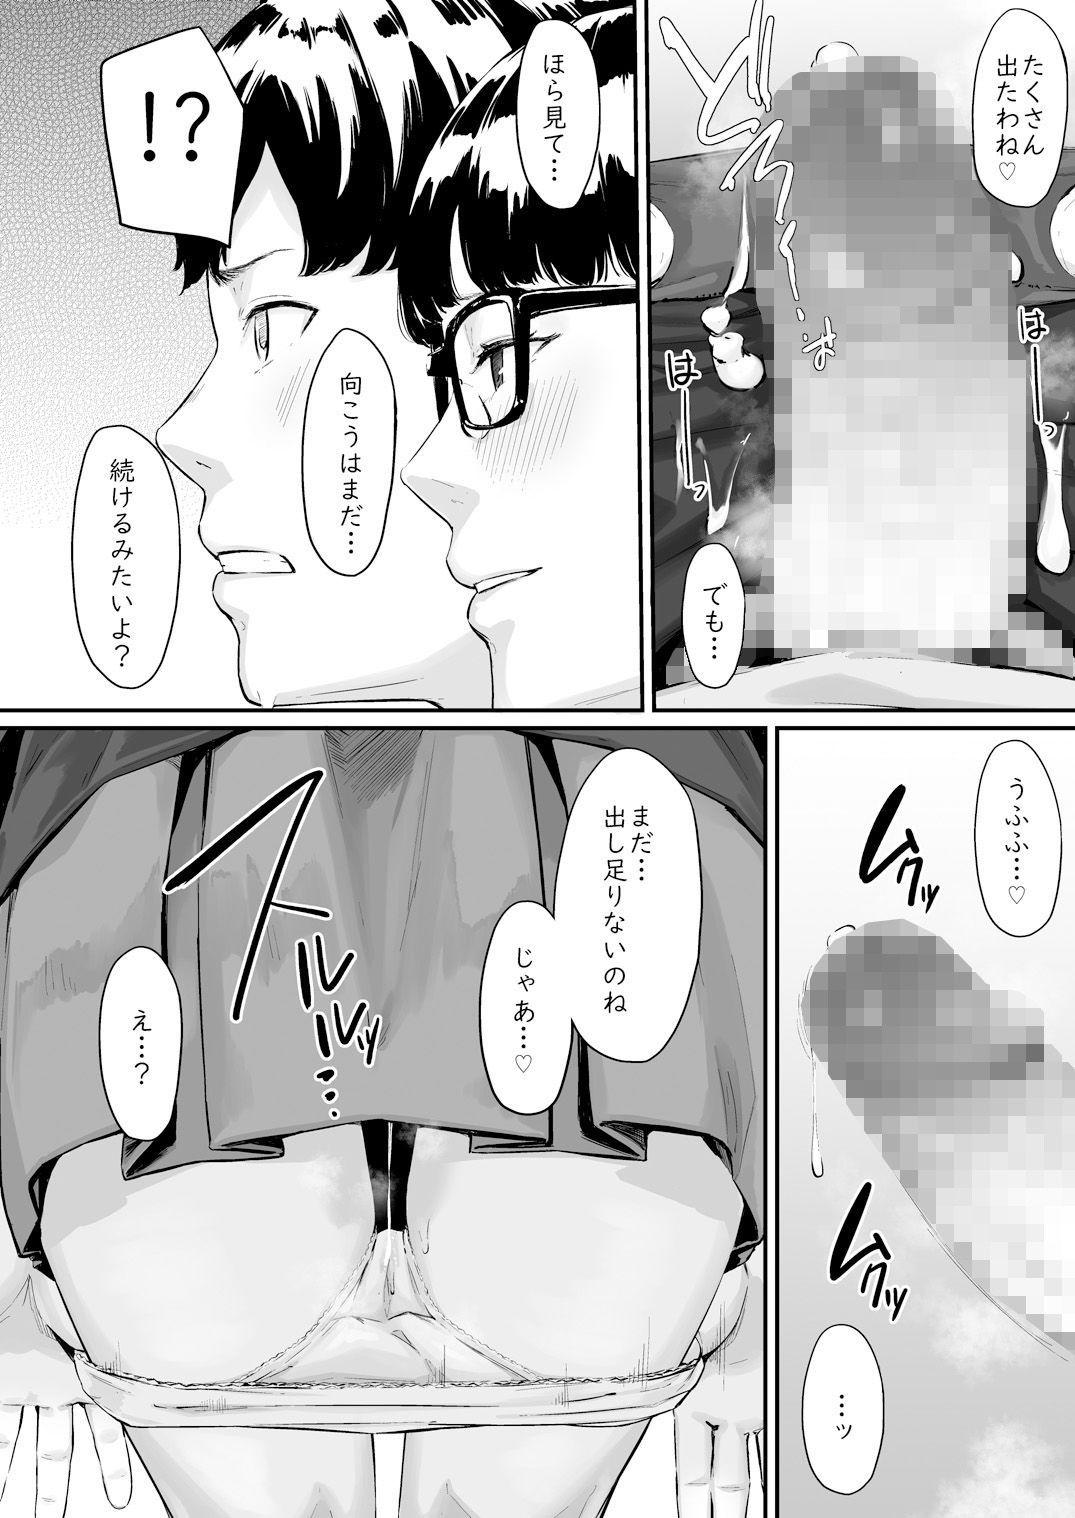 [三崎 (田スケ)] オキナグサ 狂咲 サンプル画像 11